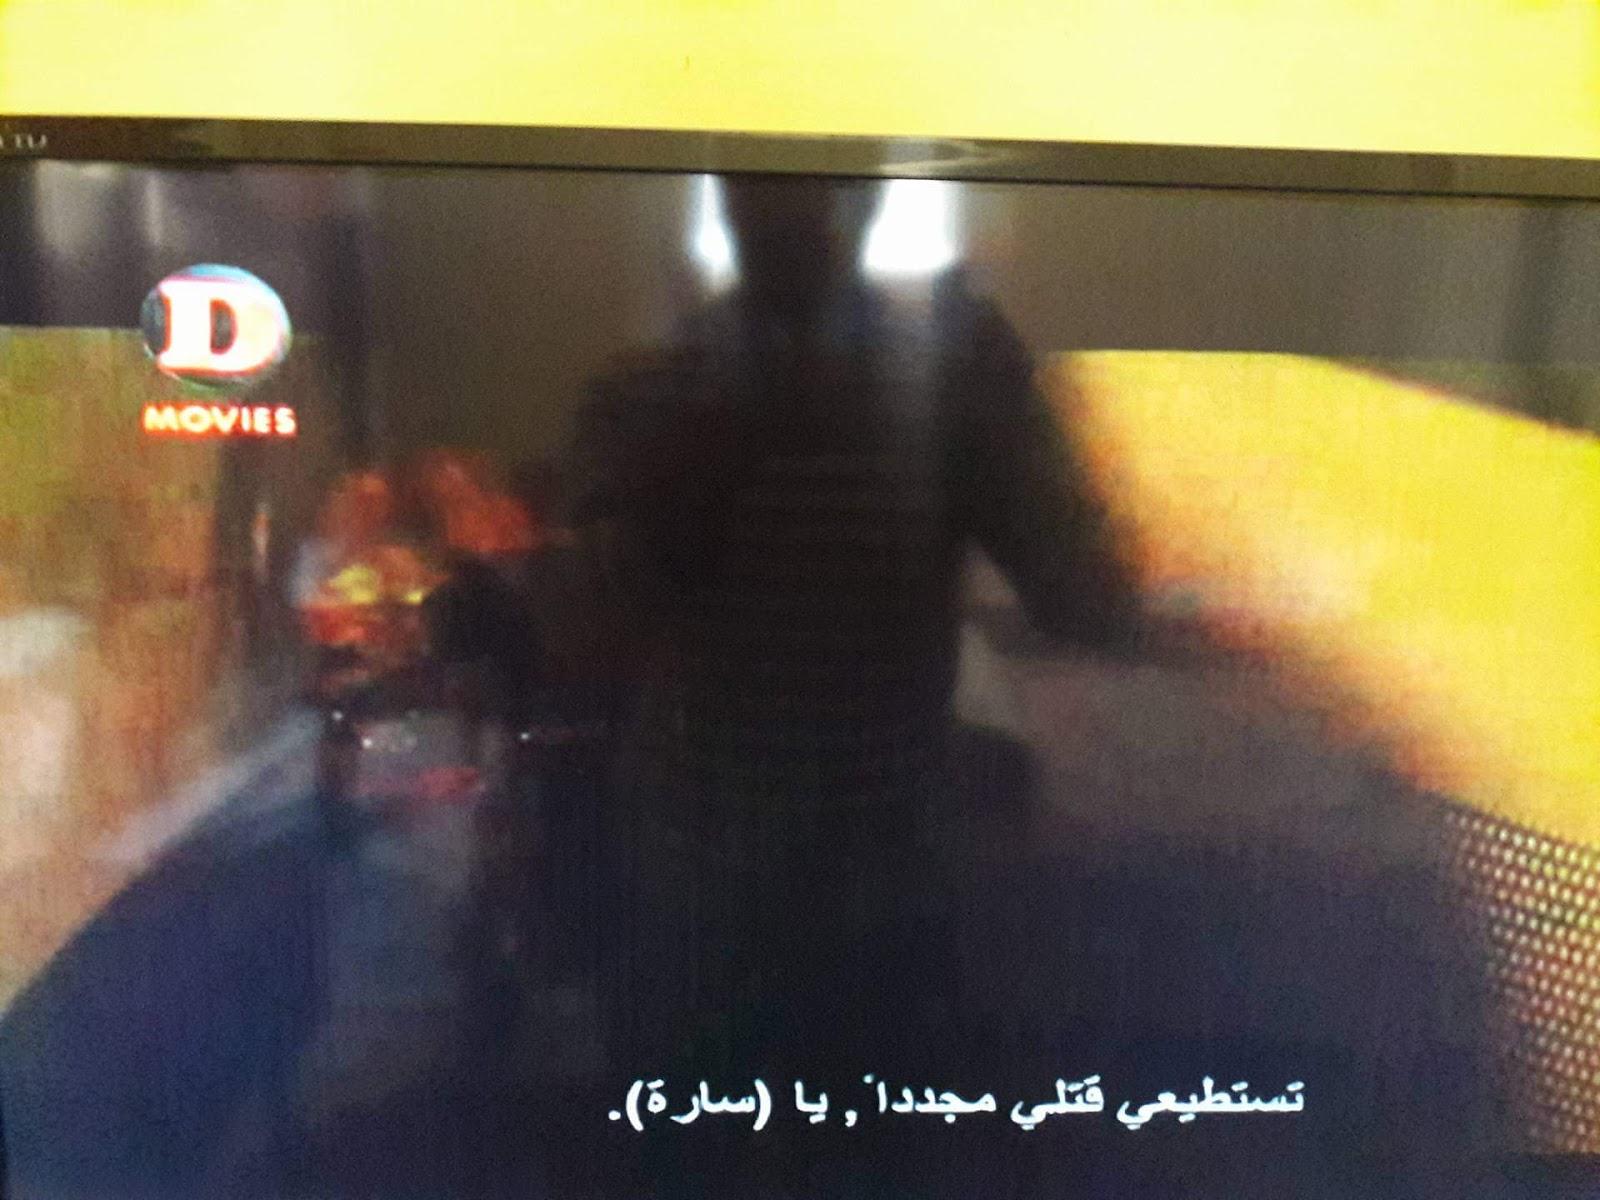 قناة دى موفيز D Movies تبدا البث على النايل سات